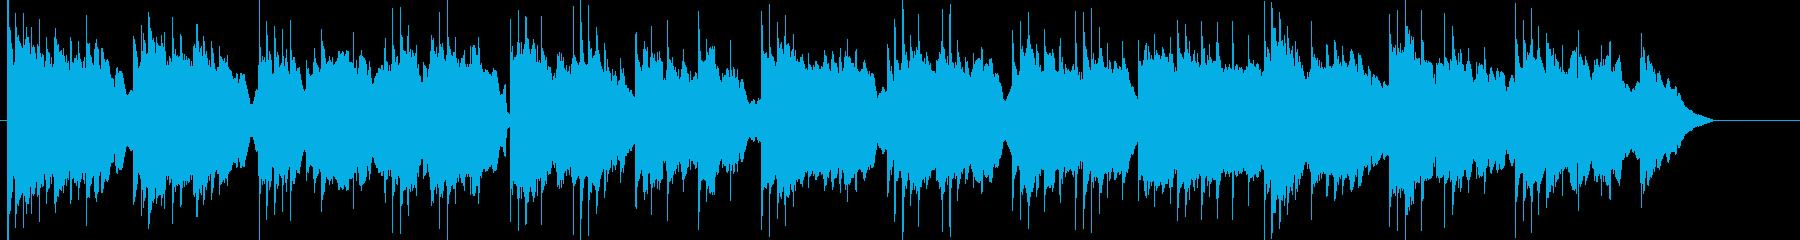 温かく可愛らしい雰囲気のBGMの再生済みの波形